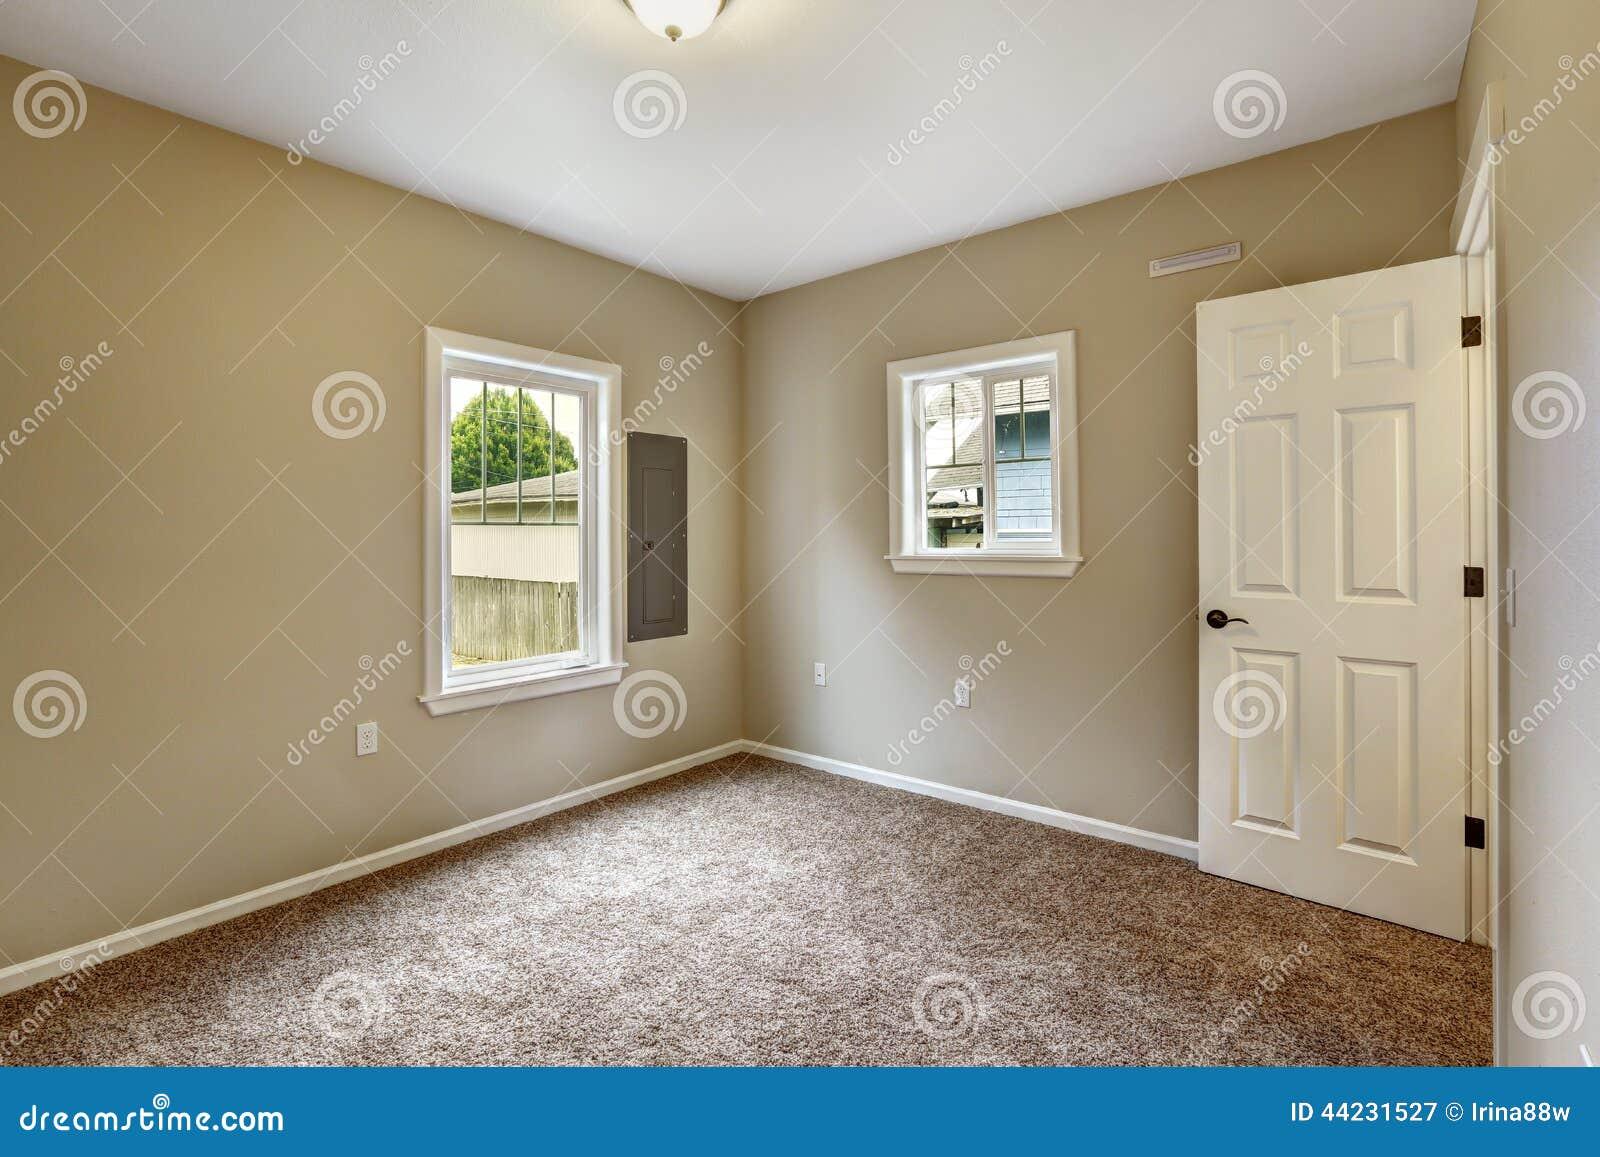 Beige empty room with brown carpet floor stock image for Bedroom ideas with beige walls